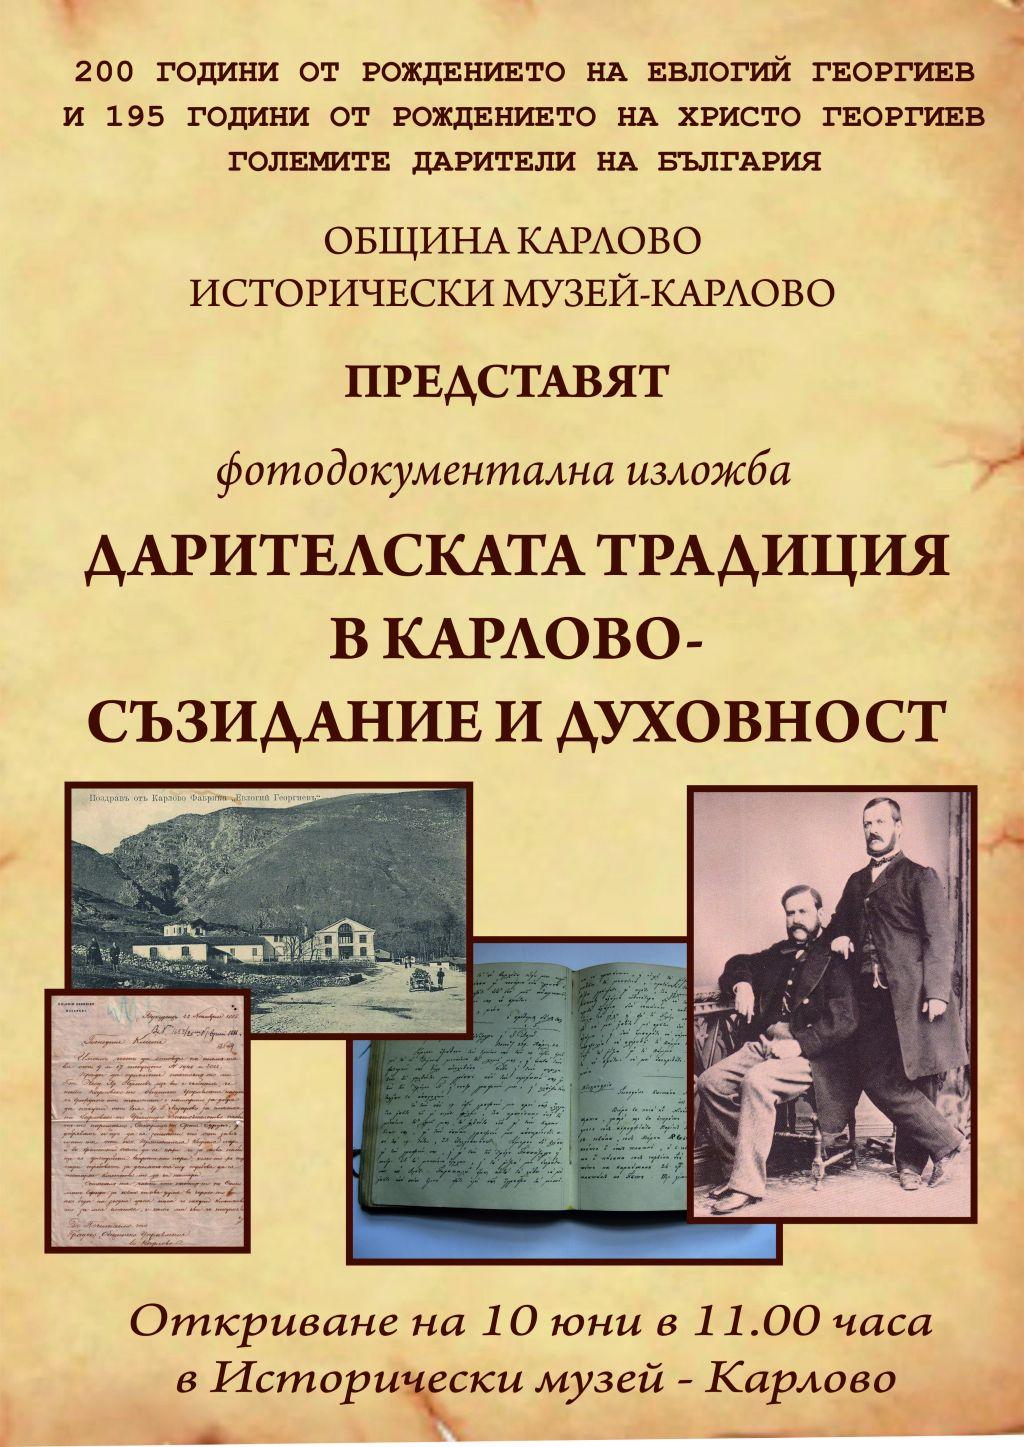 Изложба 200 години от рождението на Евлогий Георгиев и 195 от рождението на Христо Георгиев - голяма снимка